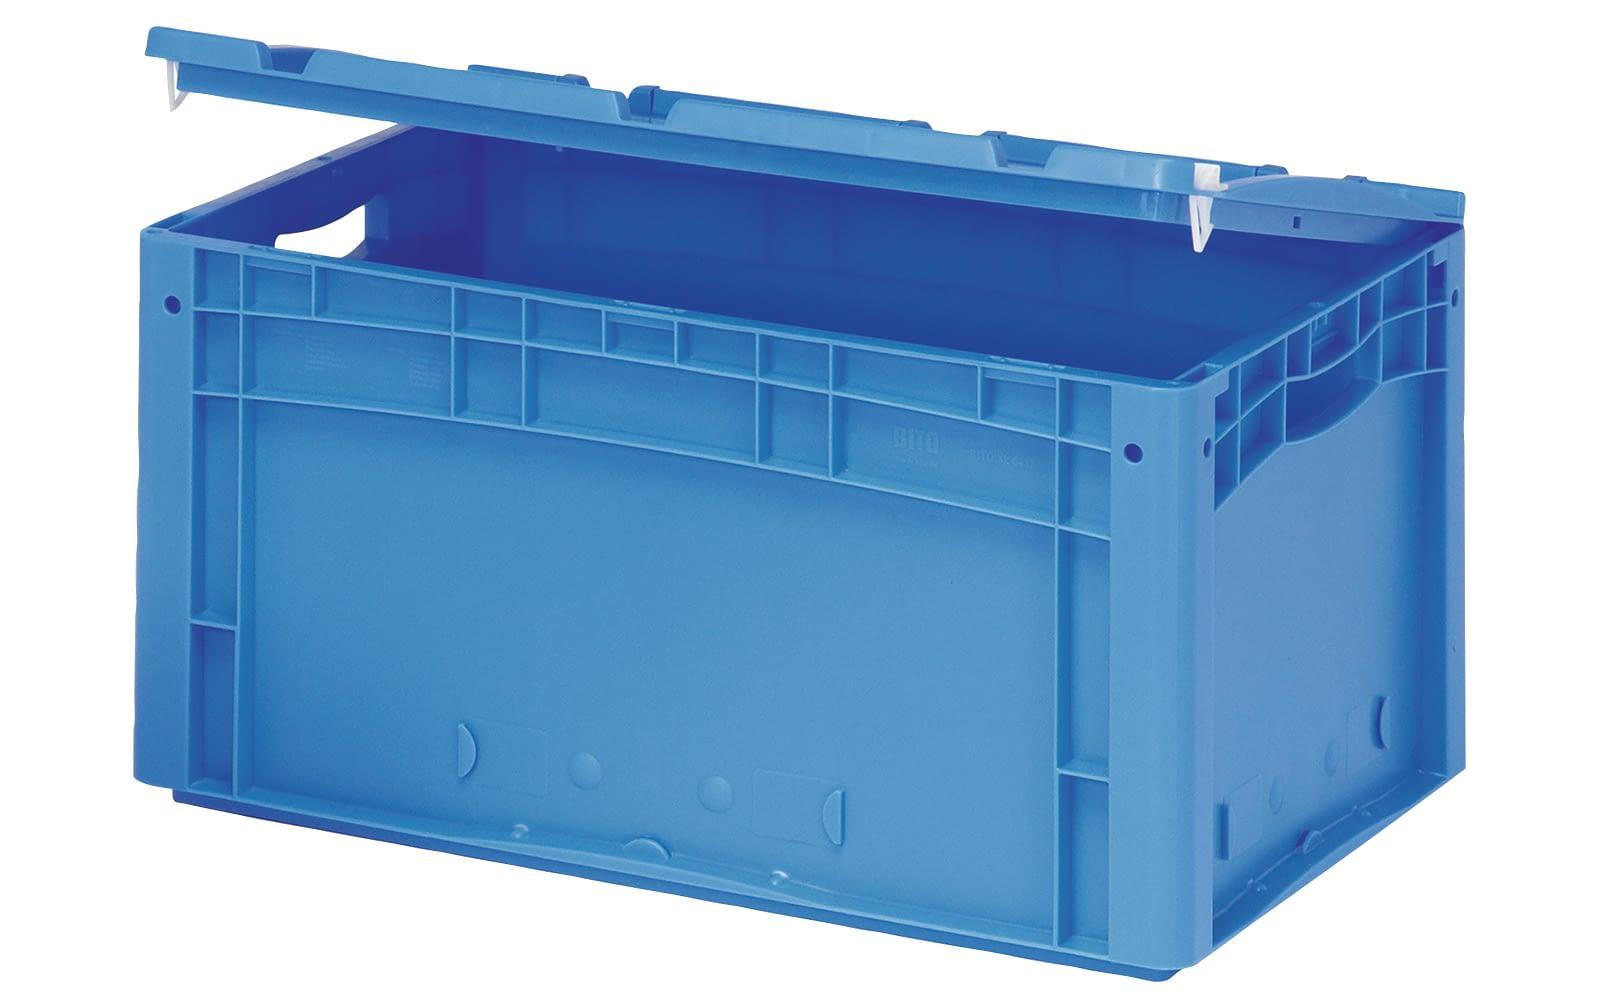 Pokrywa otwierana, zamki zatrzaskowe, niebieski, IMG_29725